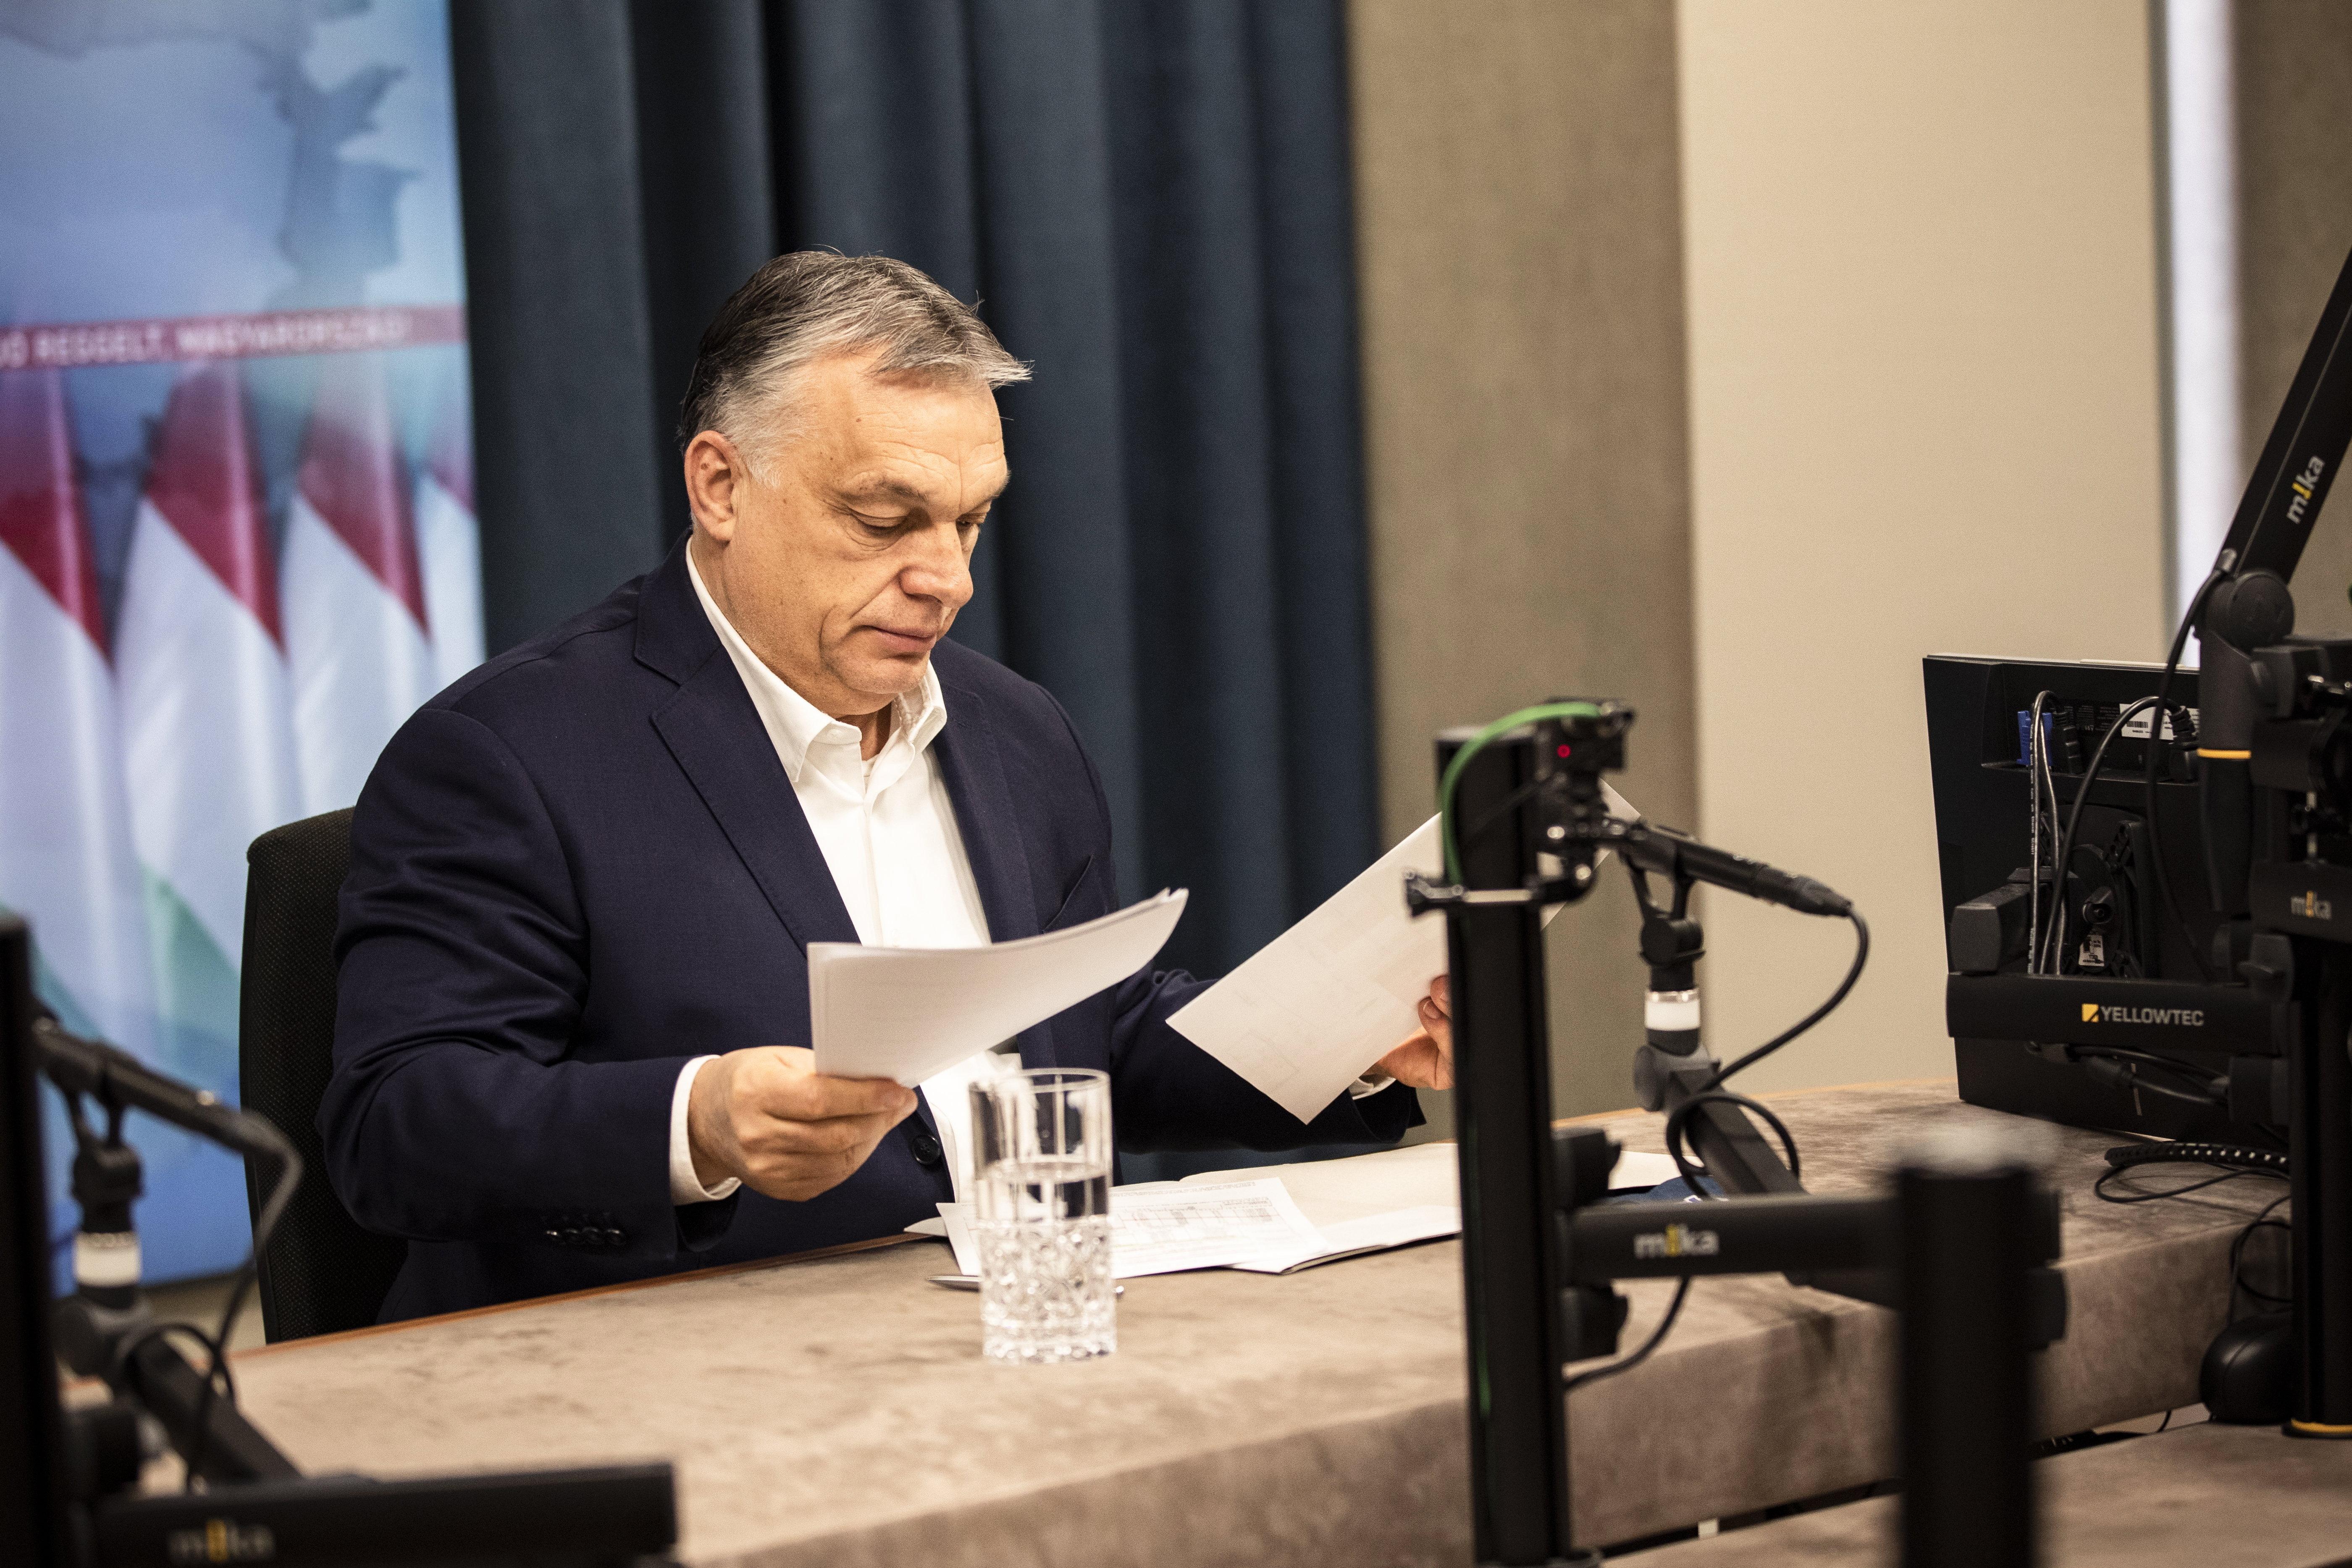 Orbán szerint nem kell külföldi segítséget kérni a kórházban lévők ellátásához, inkább mi fogunk segítséget adni